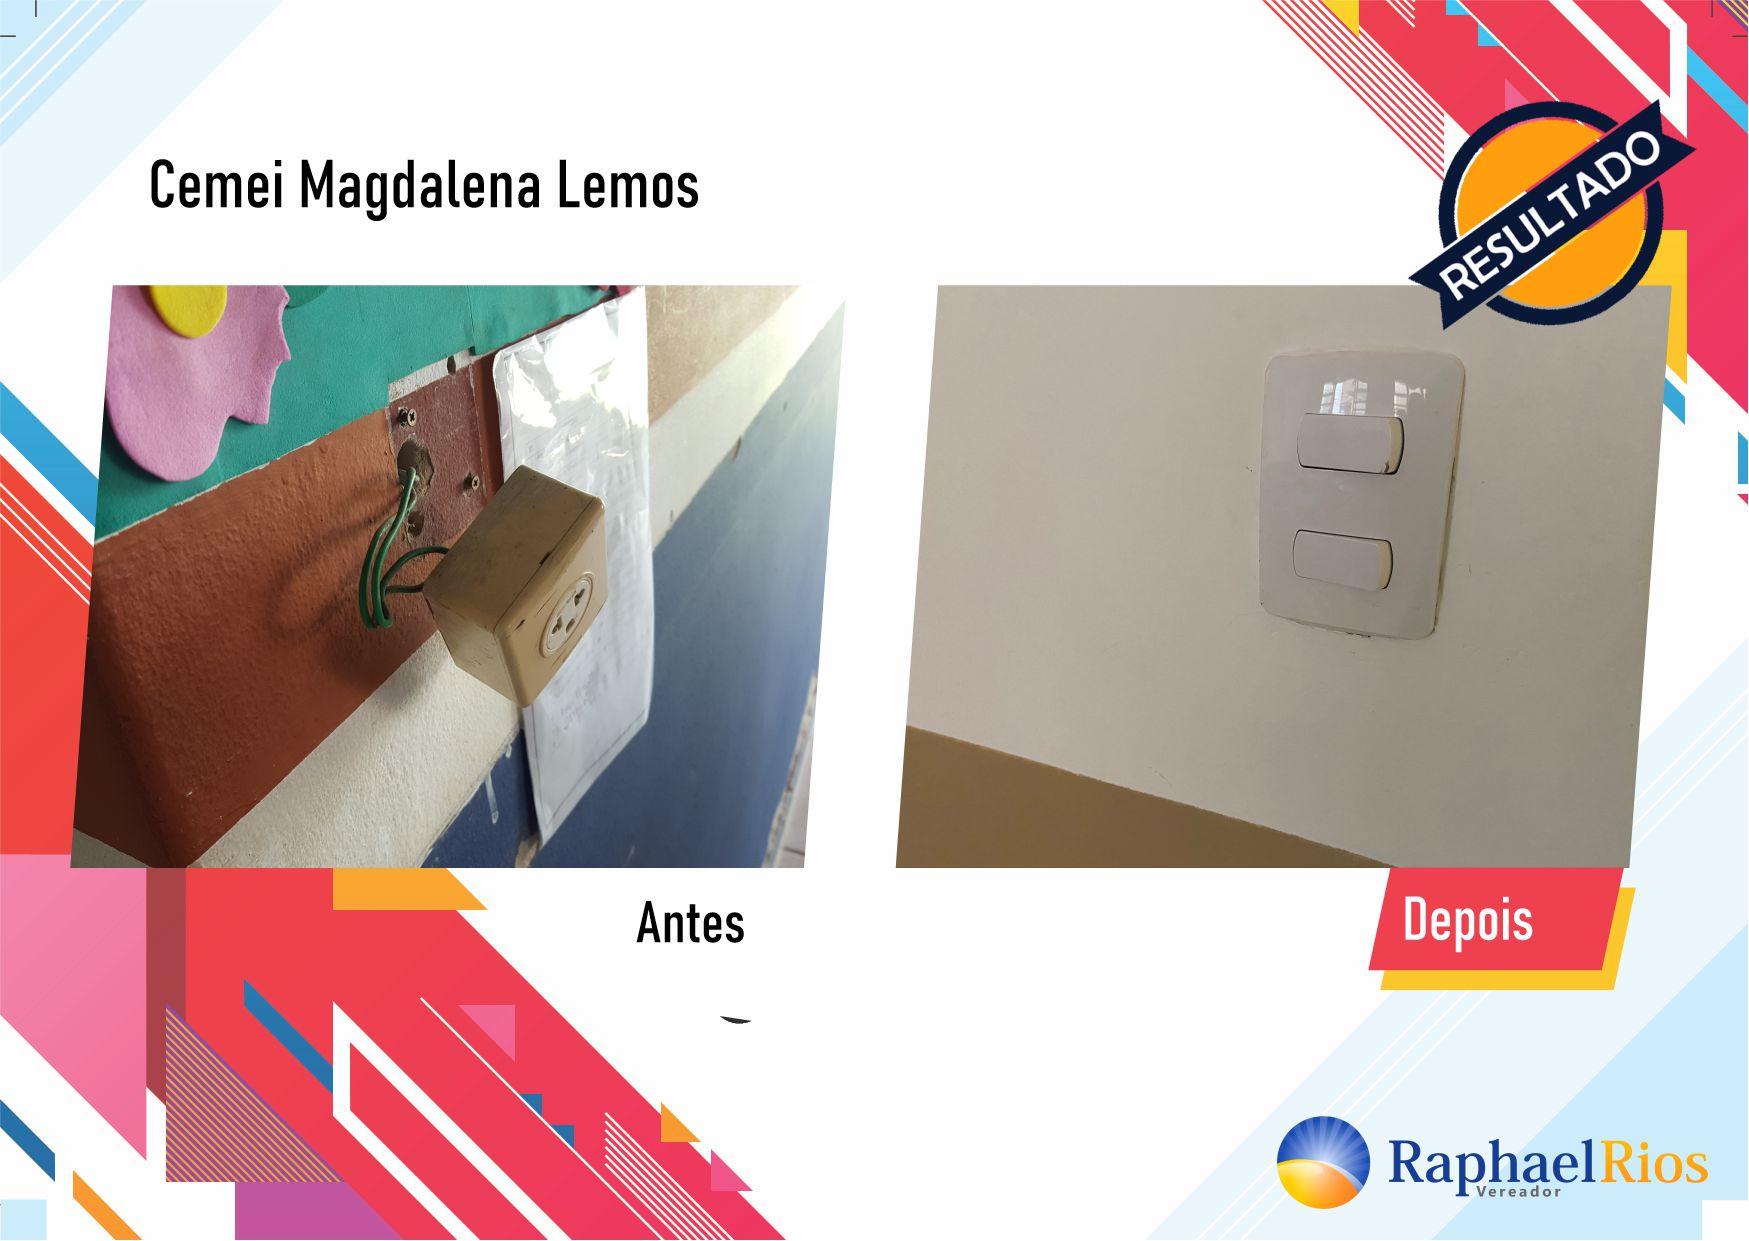 Após fiscalização, Raphael Rios confere reforma geral do Cemei Magdalena Lemos 5